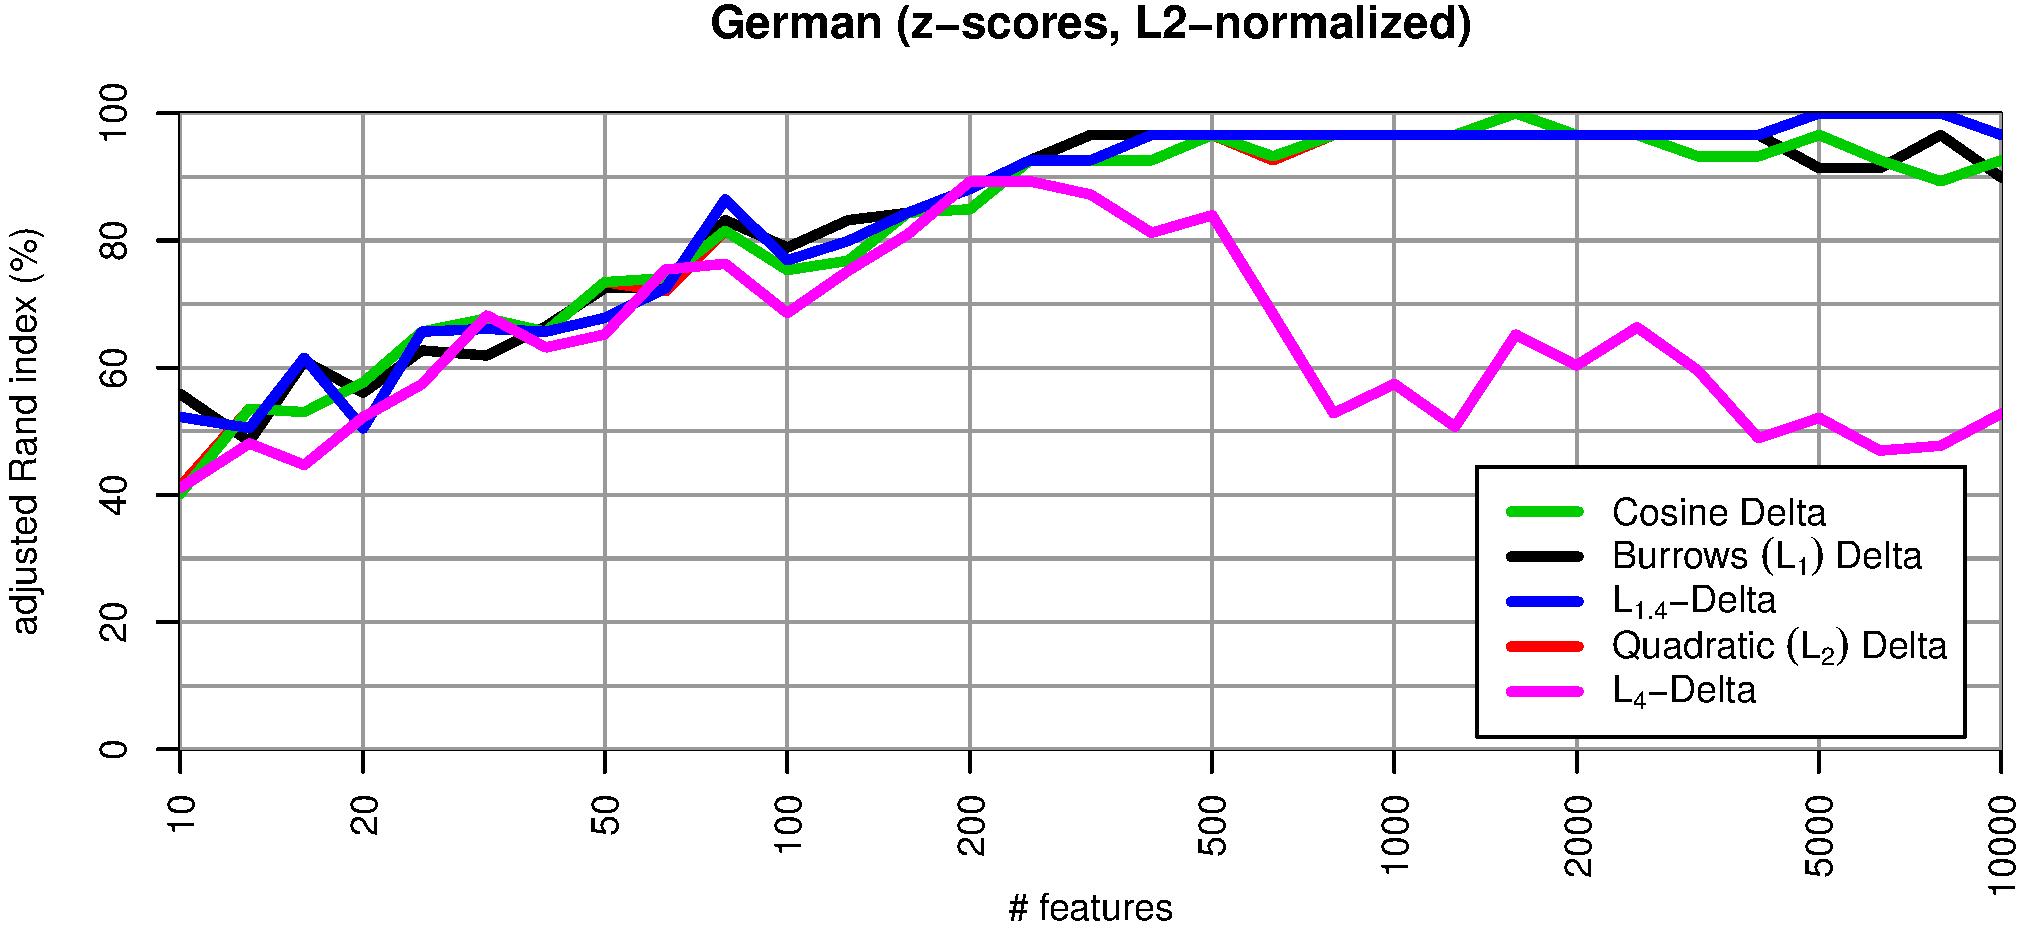 vereinheitlichung der maße in deutschland